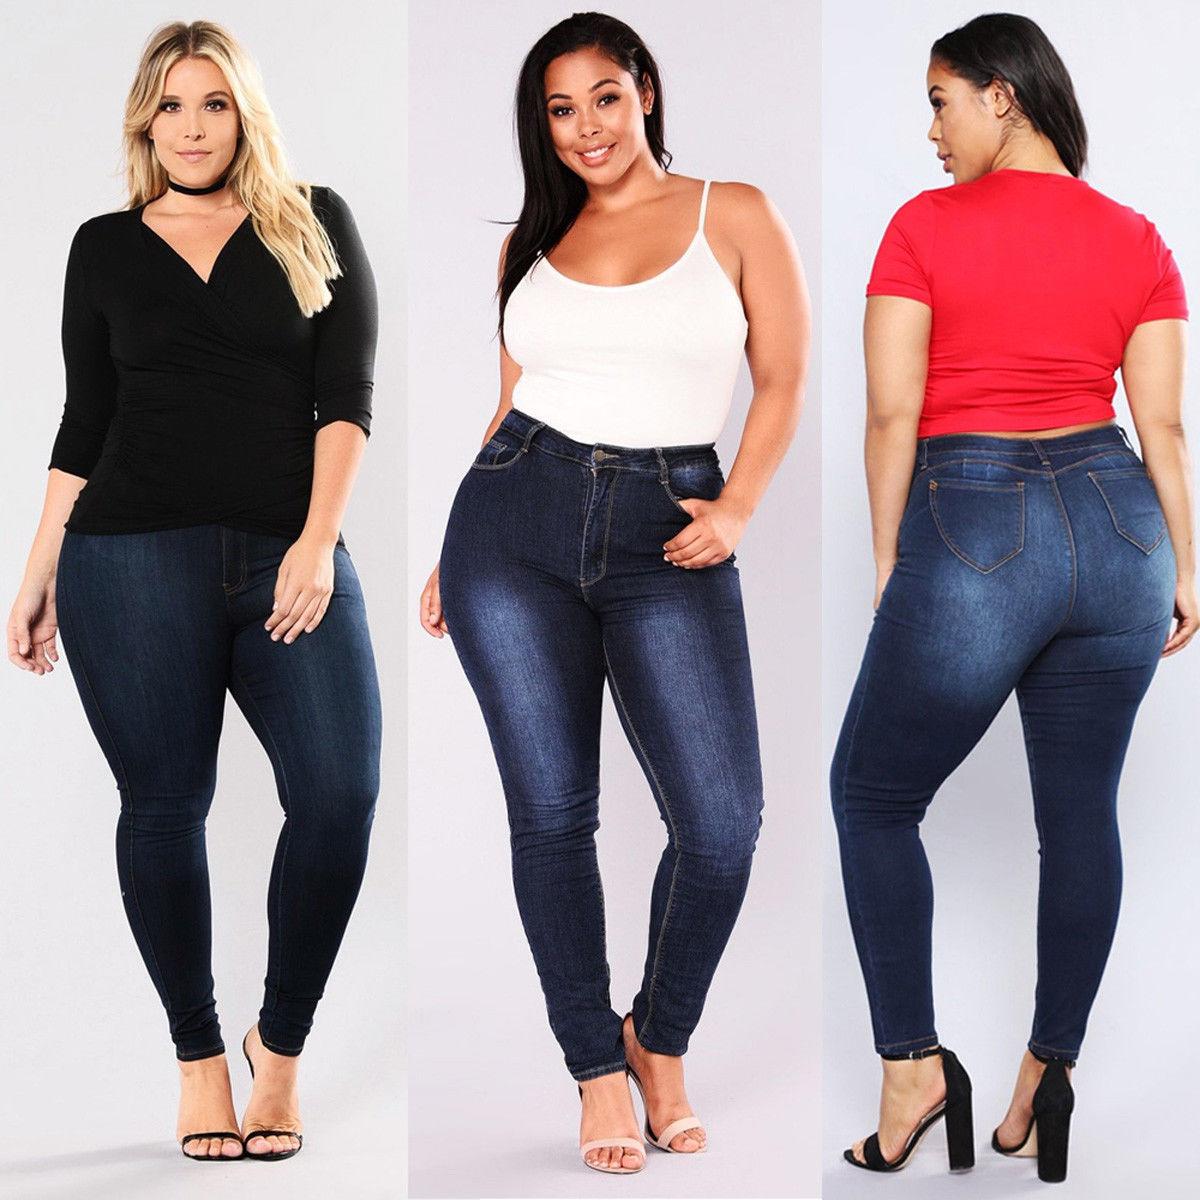 2018 Hot Jeans Woman Plus Size 5XL High Waist Jeans Gradient Denim Ladies Jeans Femme Push Up Mom Jeans Flower Pants Elastic